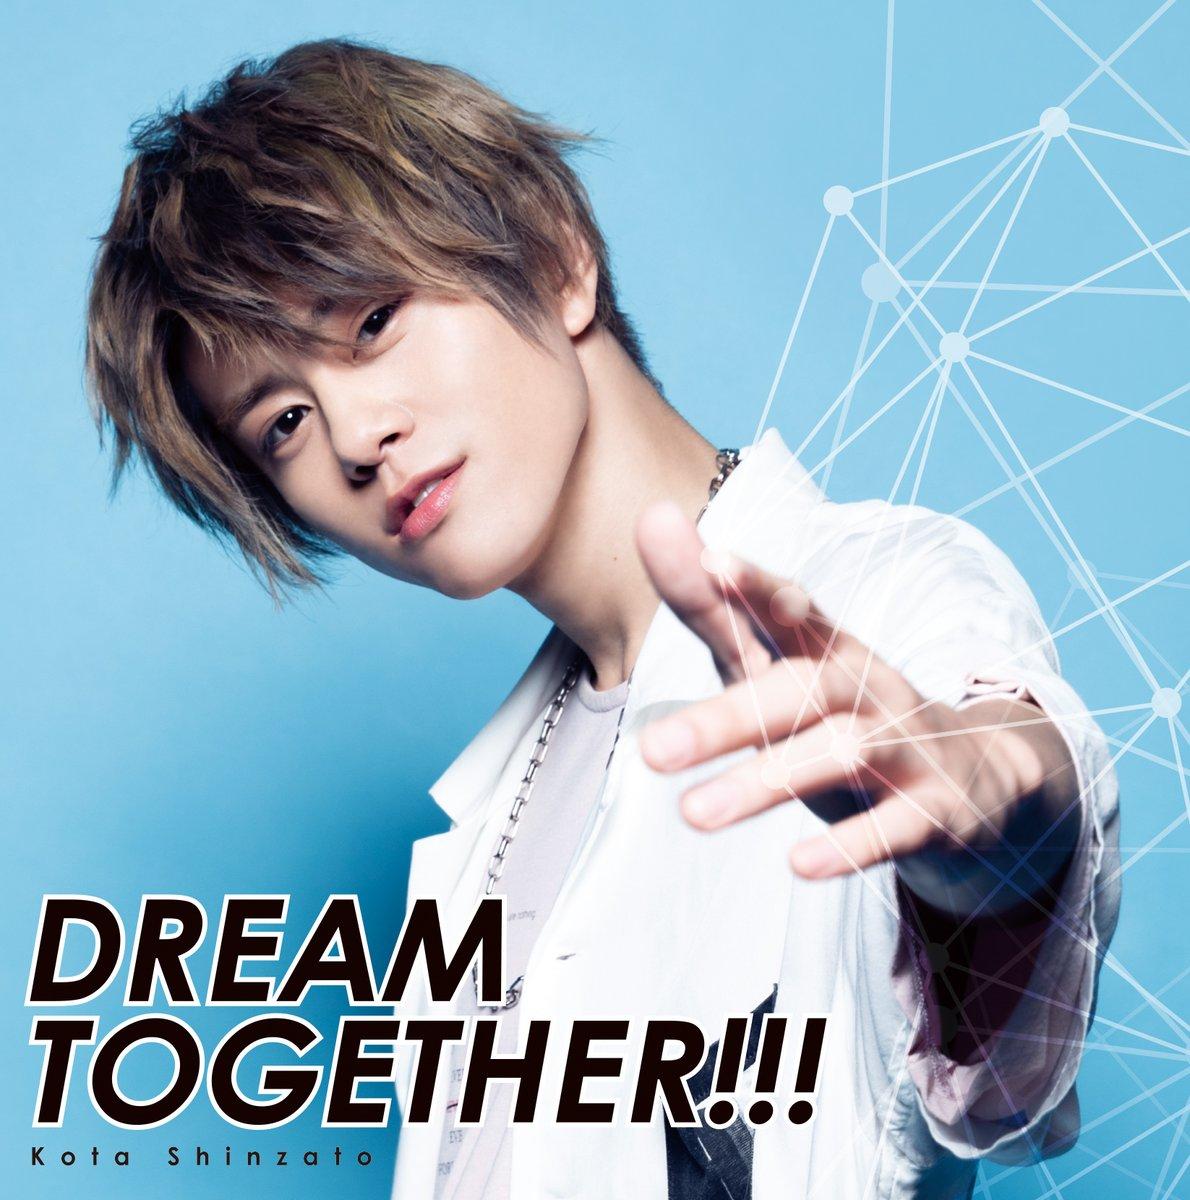 『新里宏太 - DREAM TOGETHER!!! 歌詞』収録の『DREAM TOGETHER!!!』ジャケット